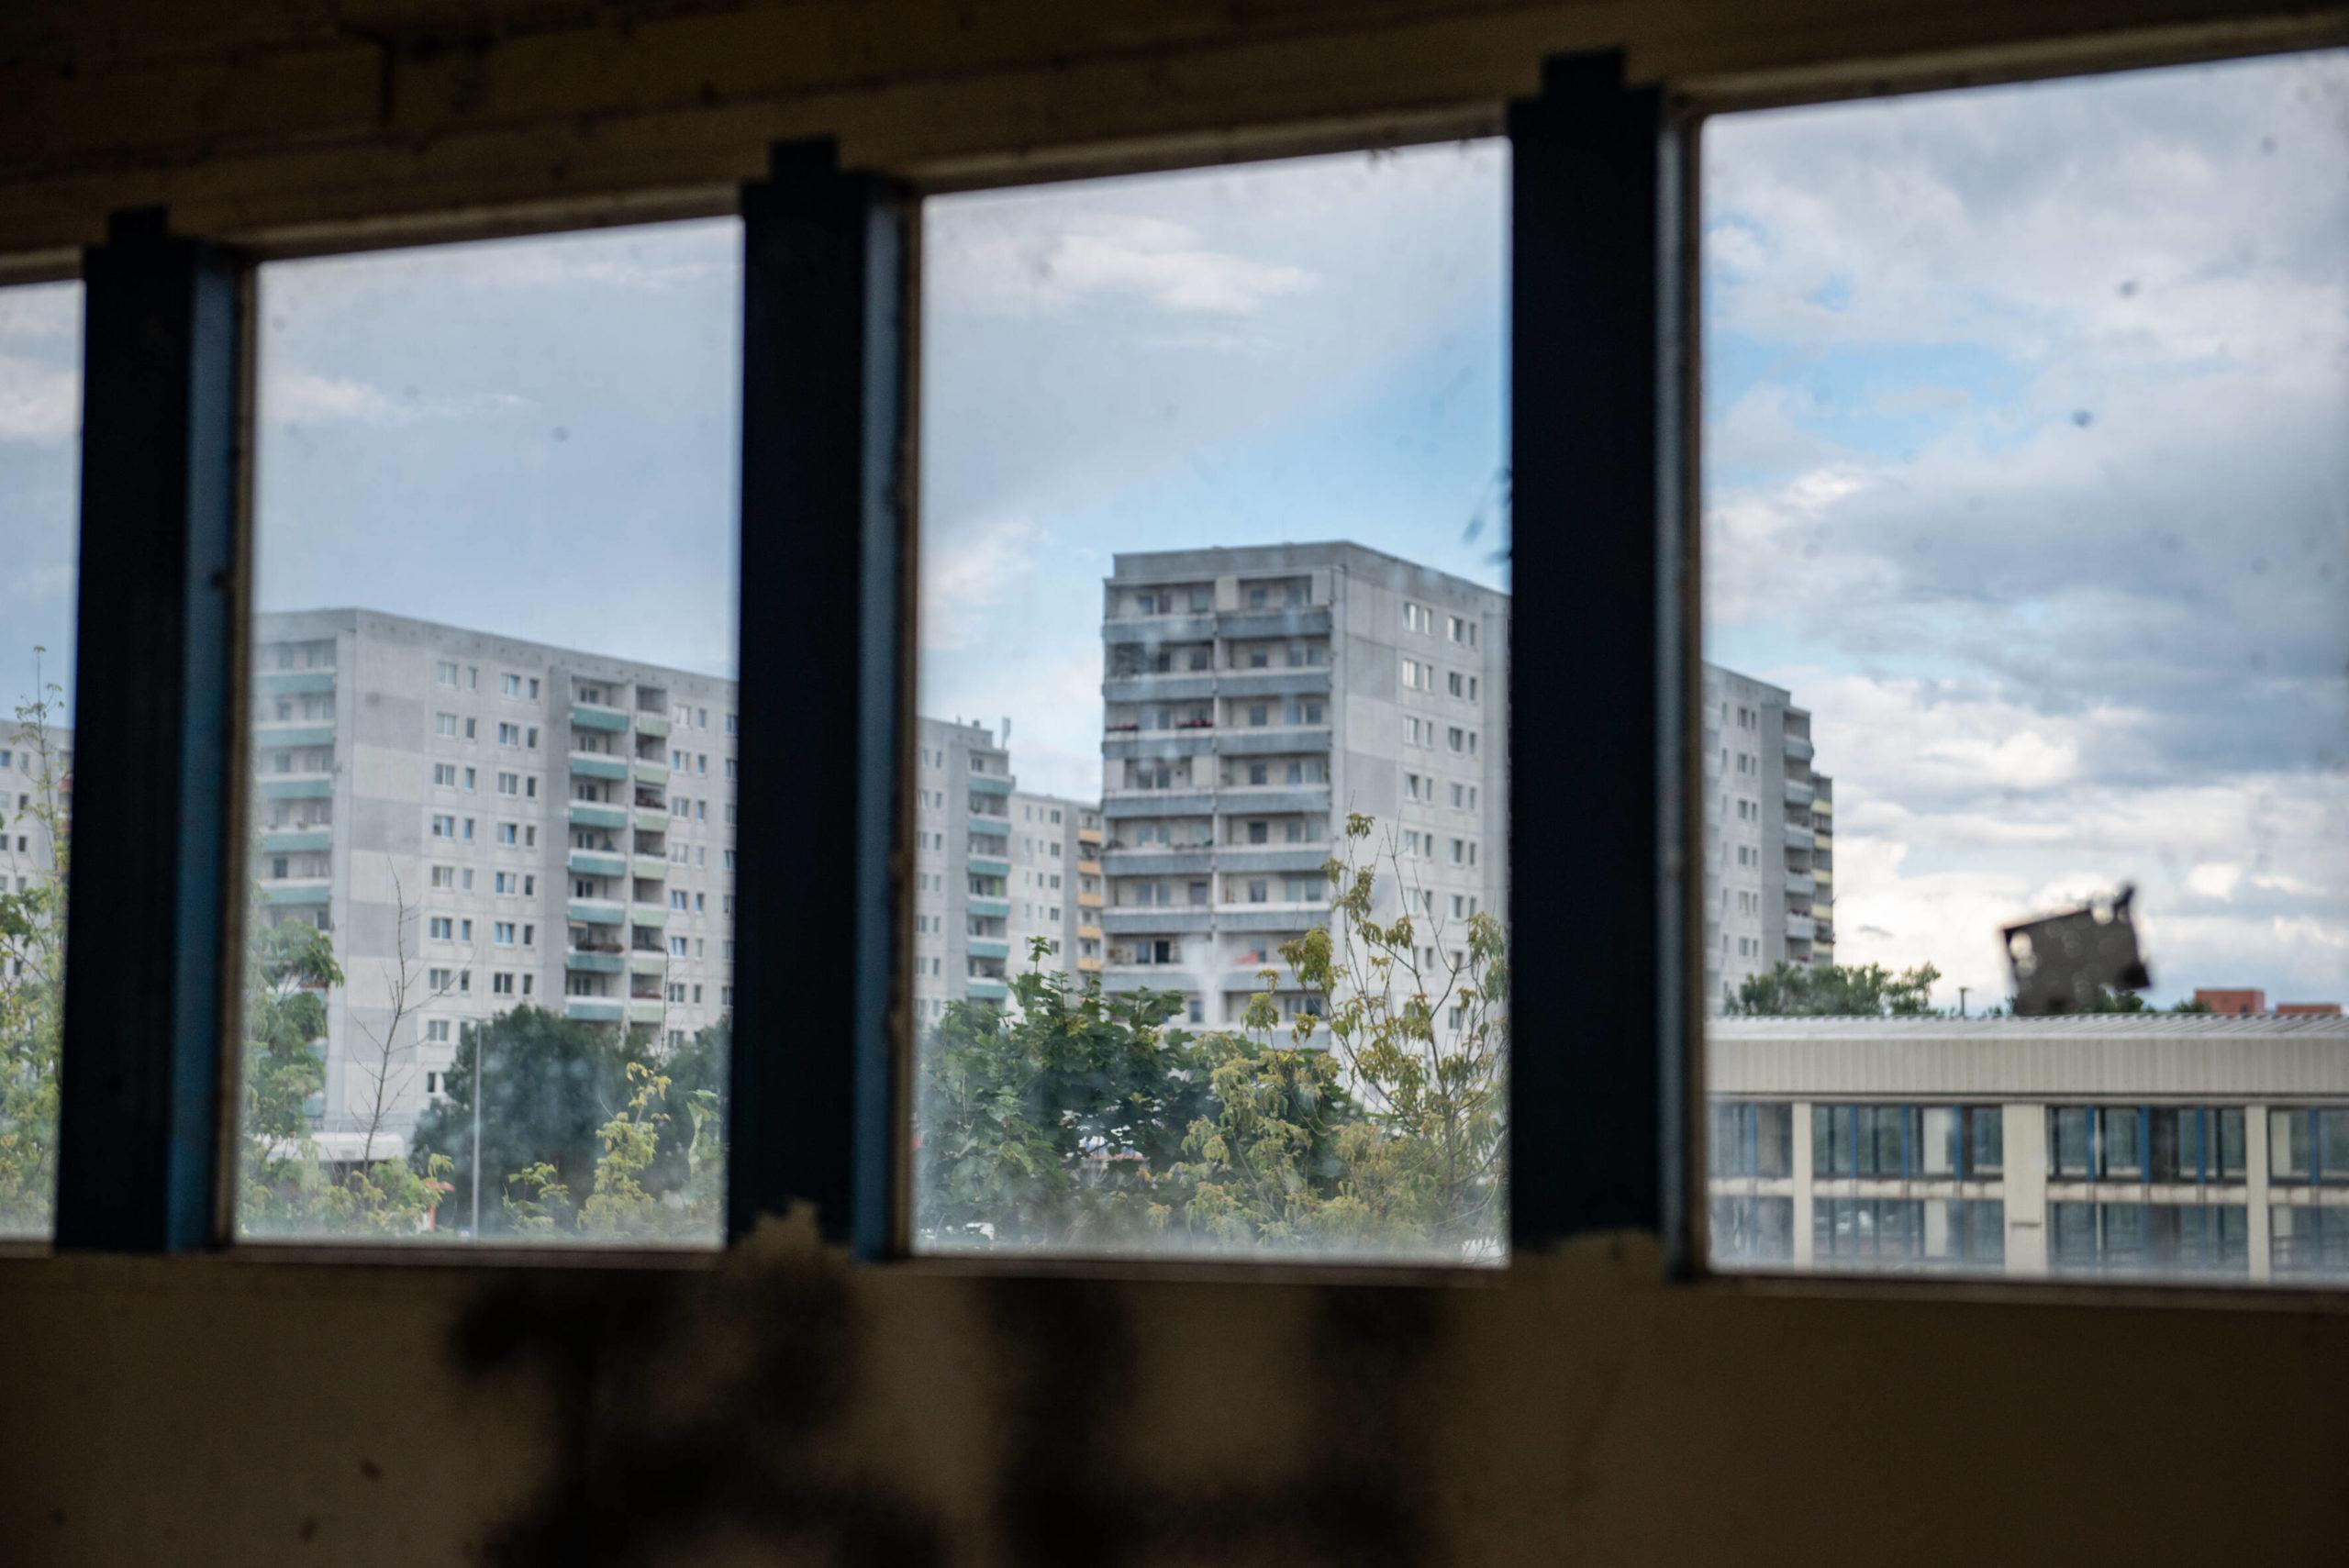 Blick vom S-Bahnhof Ahrensfelde auf Plattenbauten in Marzahn, wo manche Wohnungen noch nicht so teuer sind. Foto: Imago/F. Anthea Schaap